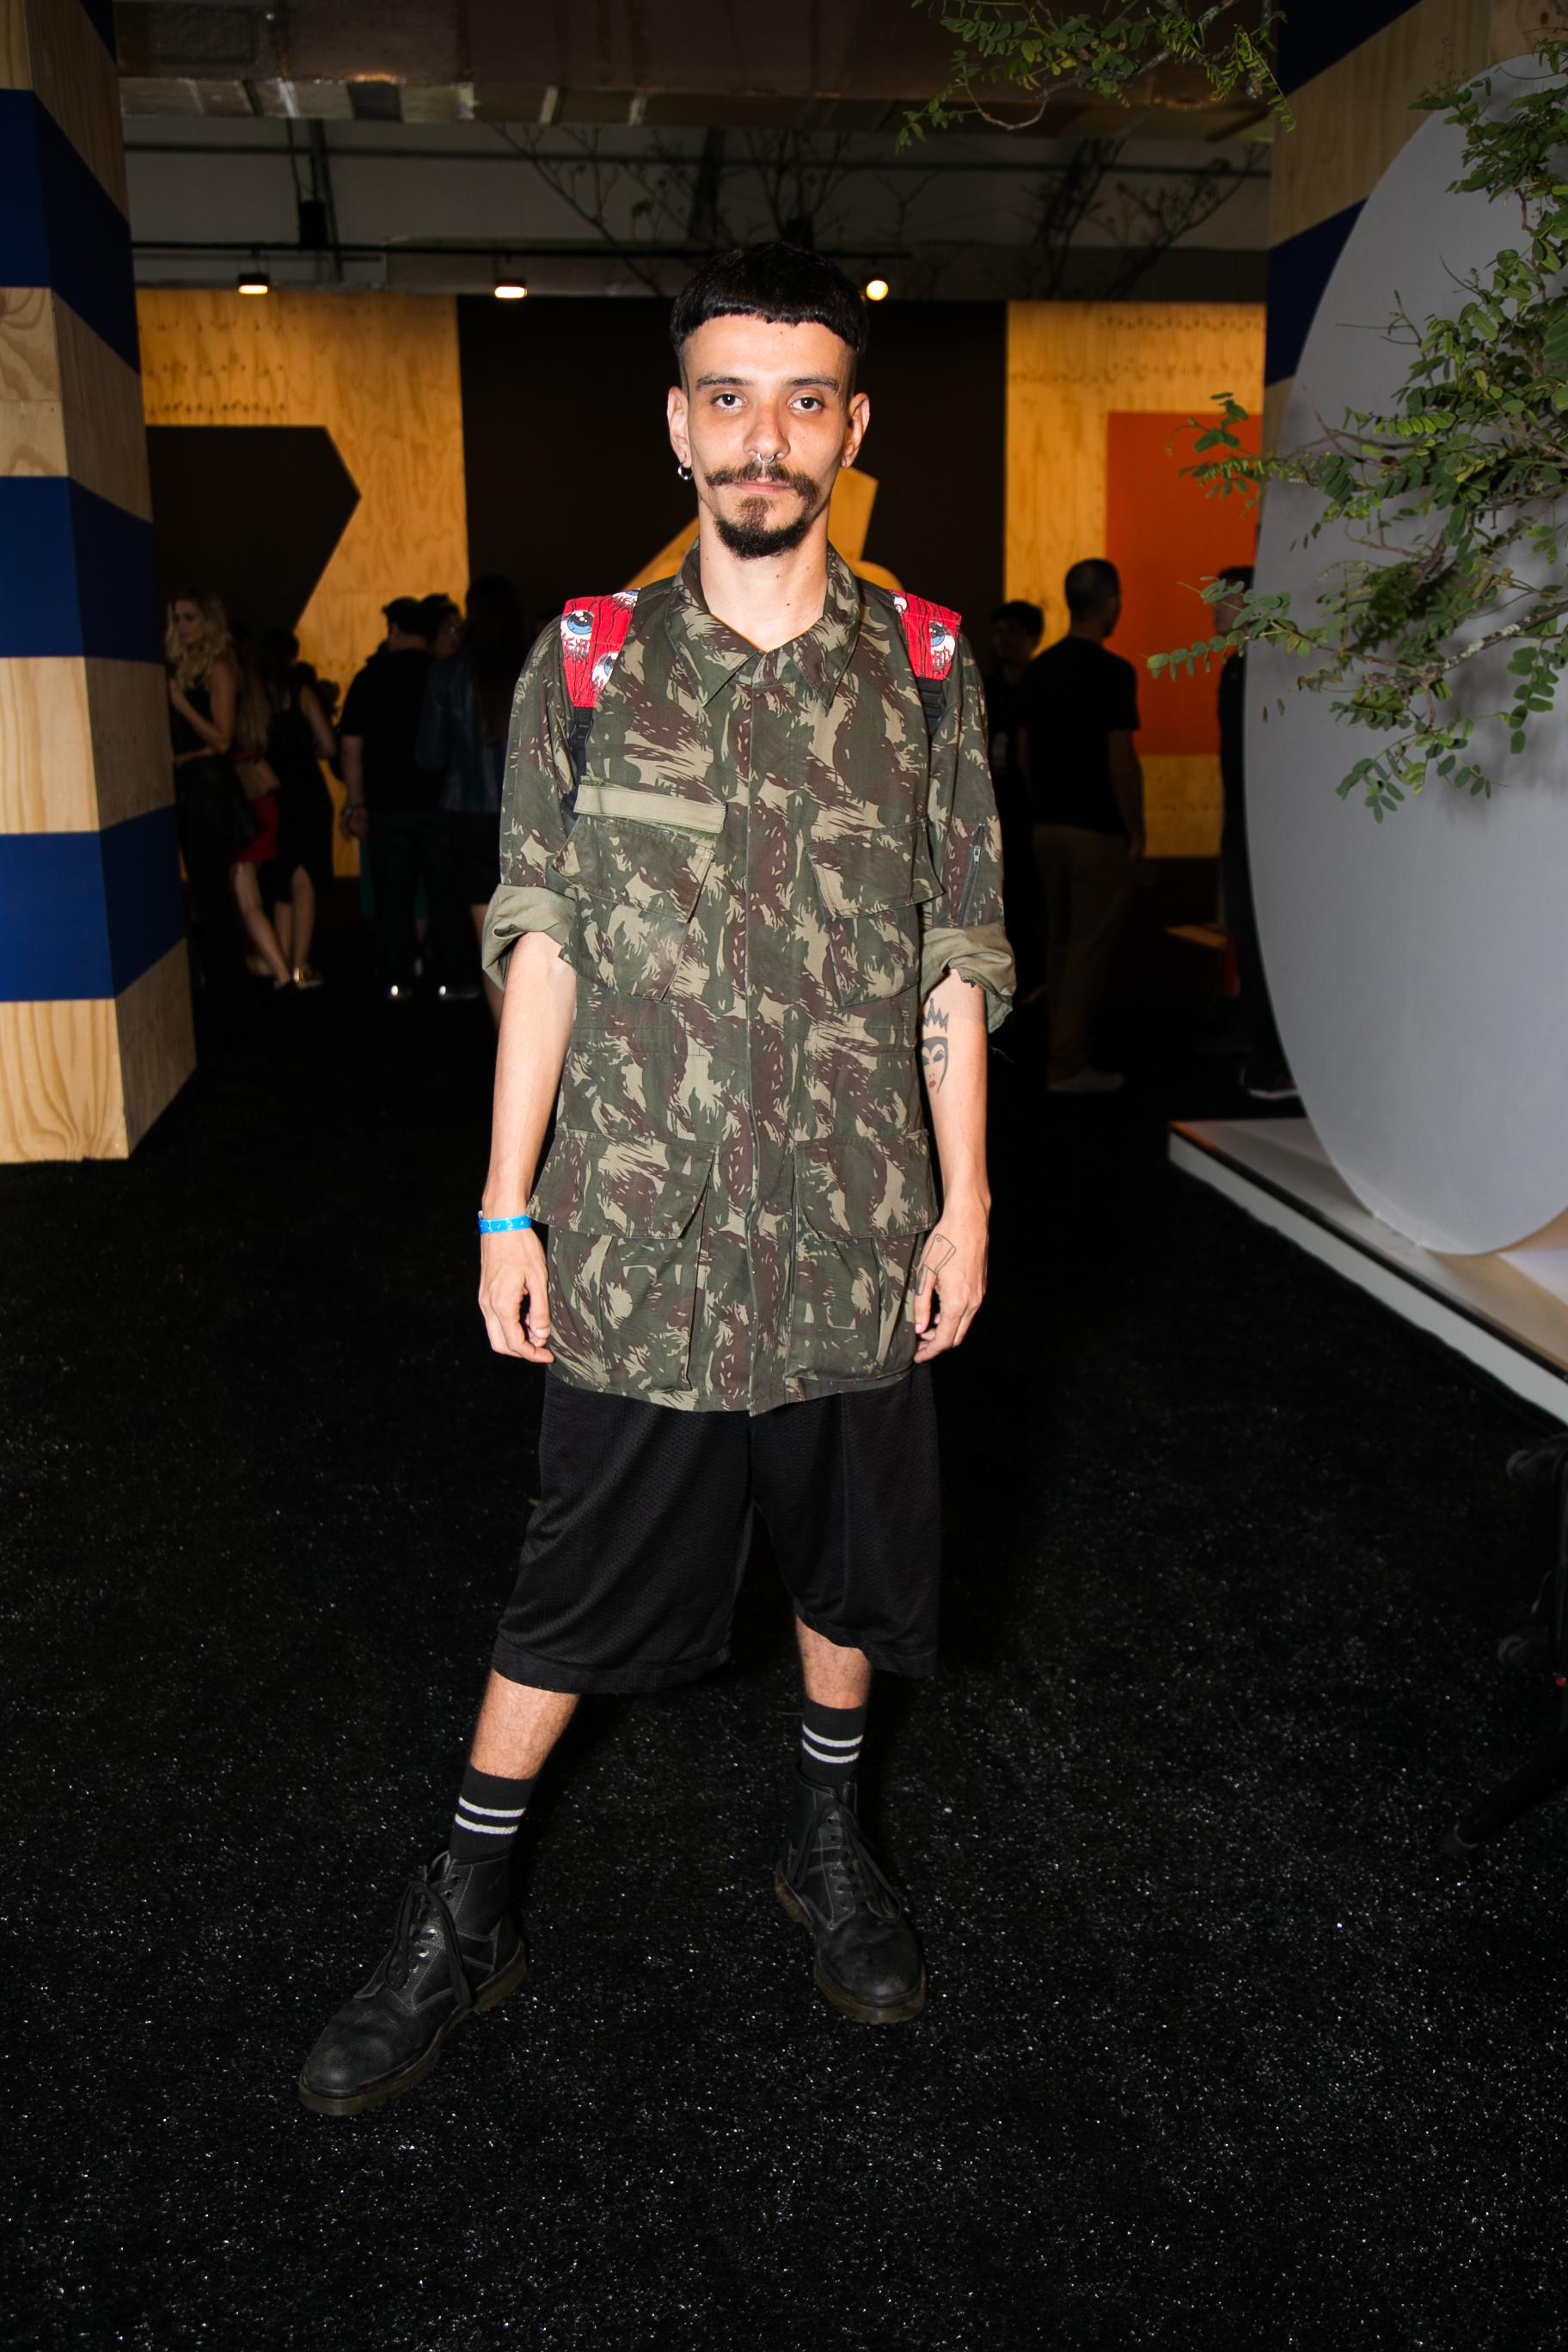 jeans-street-style-masculino-blog-de-moda-masculina-dicas-estilo-moda-jeans-jaqueta-calca-short-saia-fashion-week-spfw-spfwtrans42-spfwn42-tendencia-masculina-inverno-5